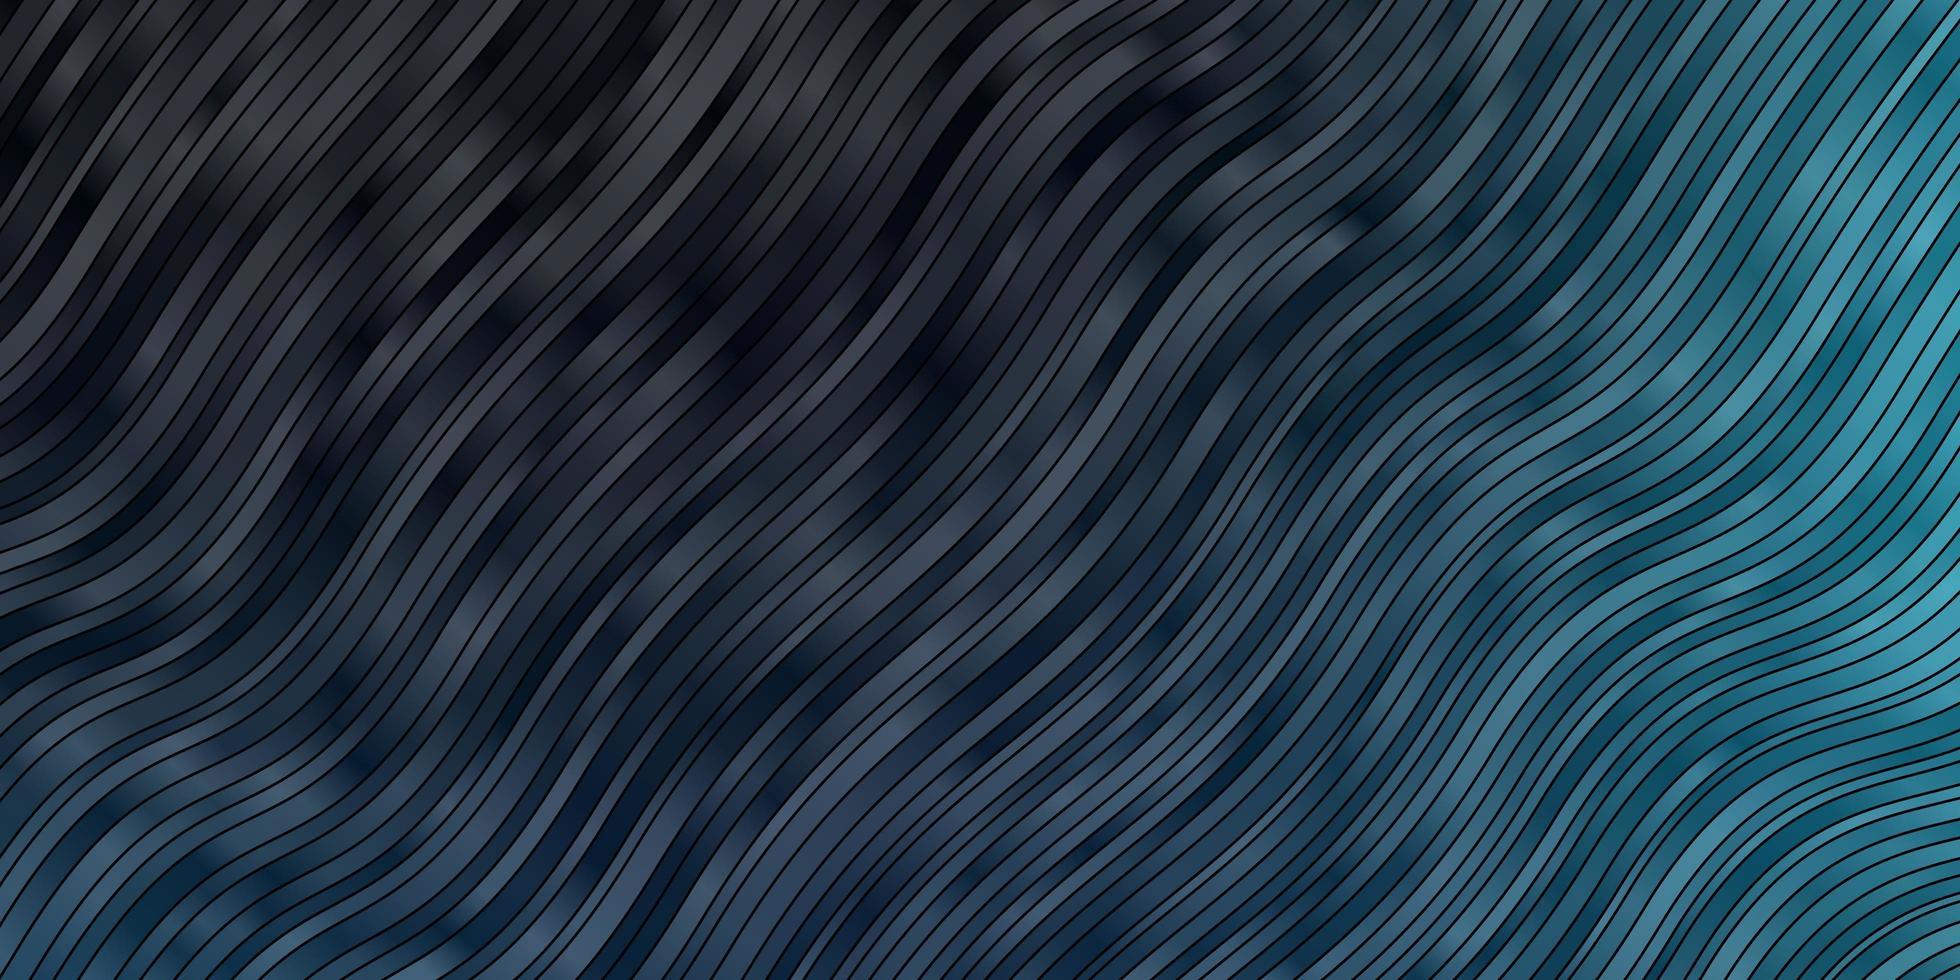 modèle vectoriel bleu foncé avec des lignes ironiques